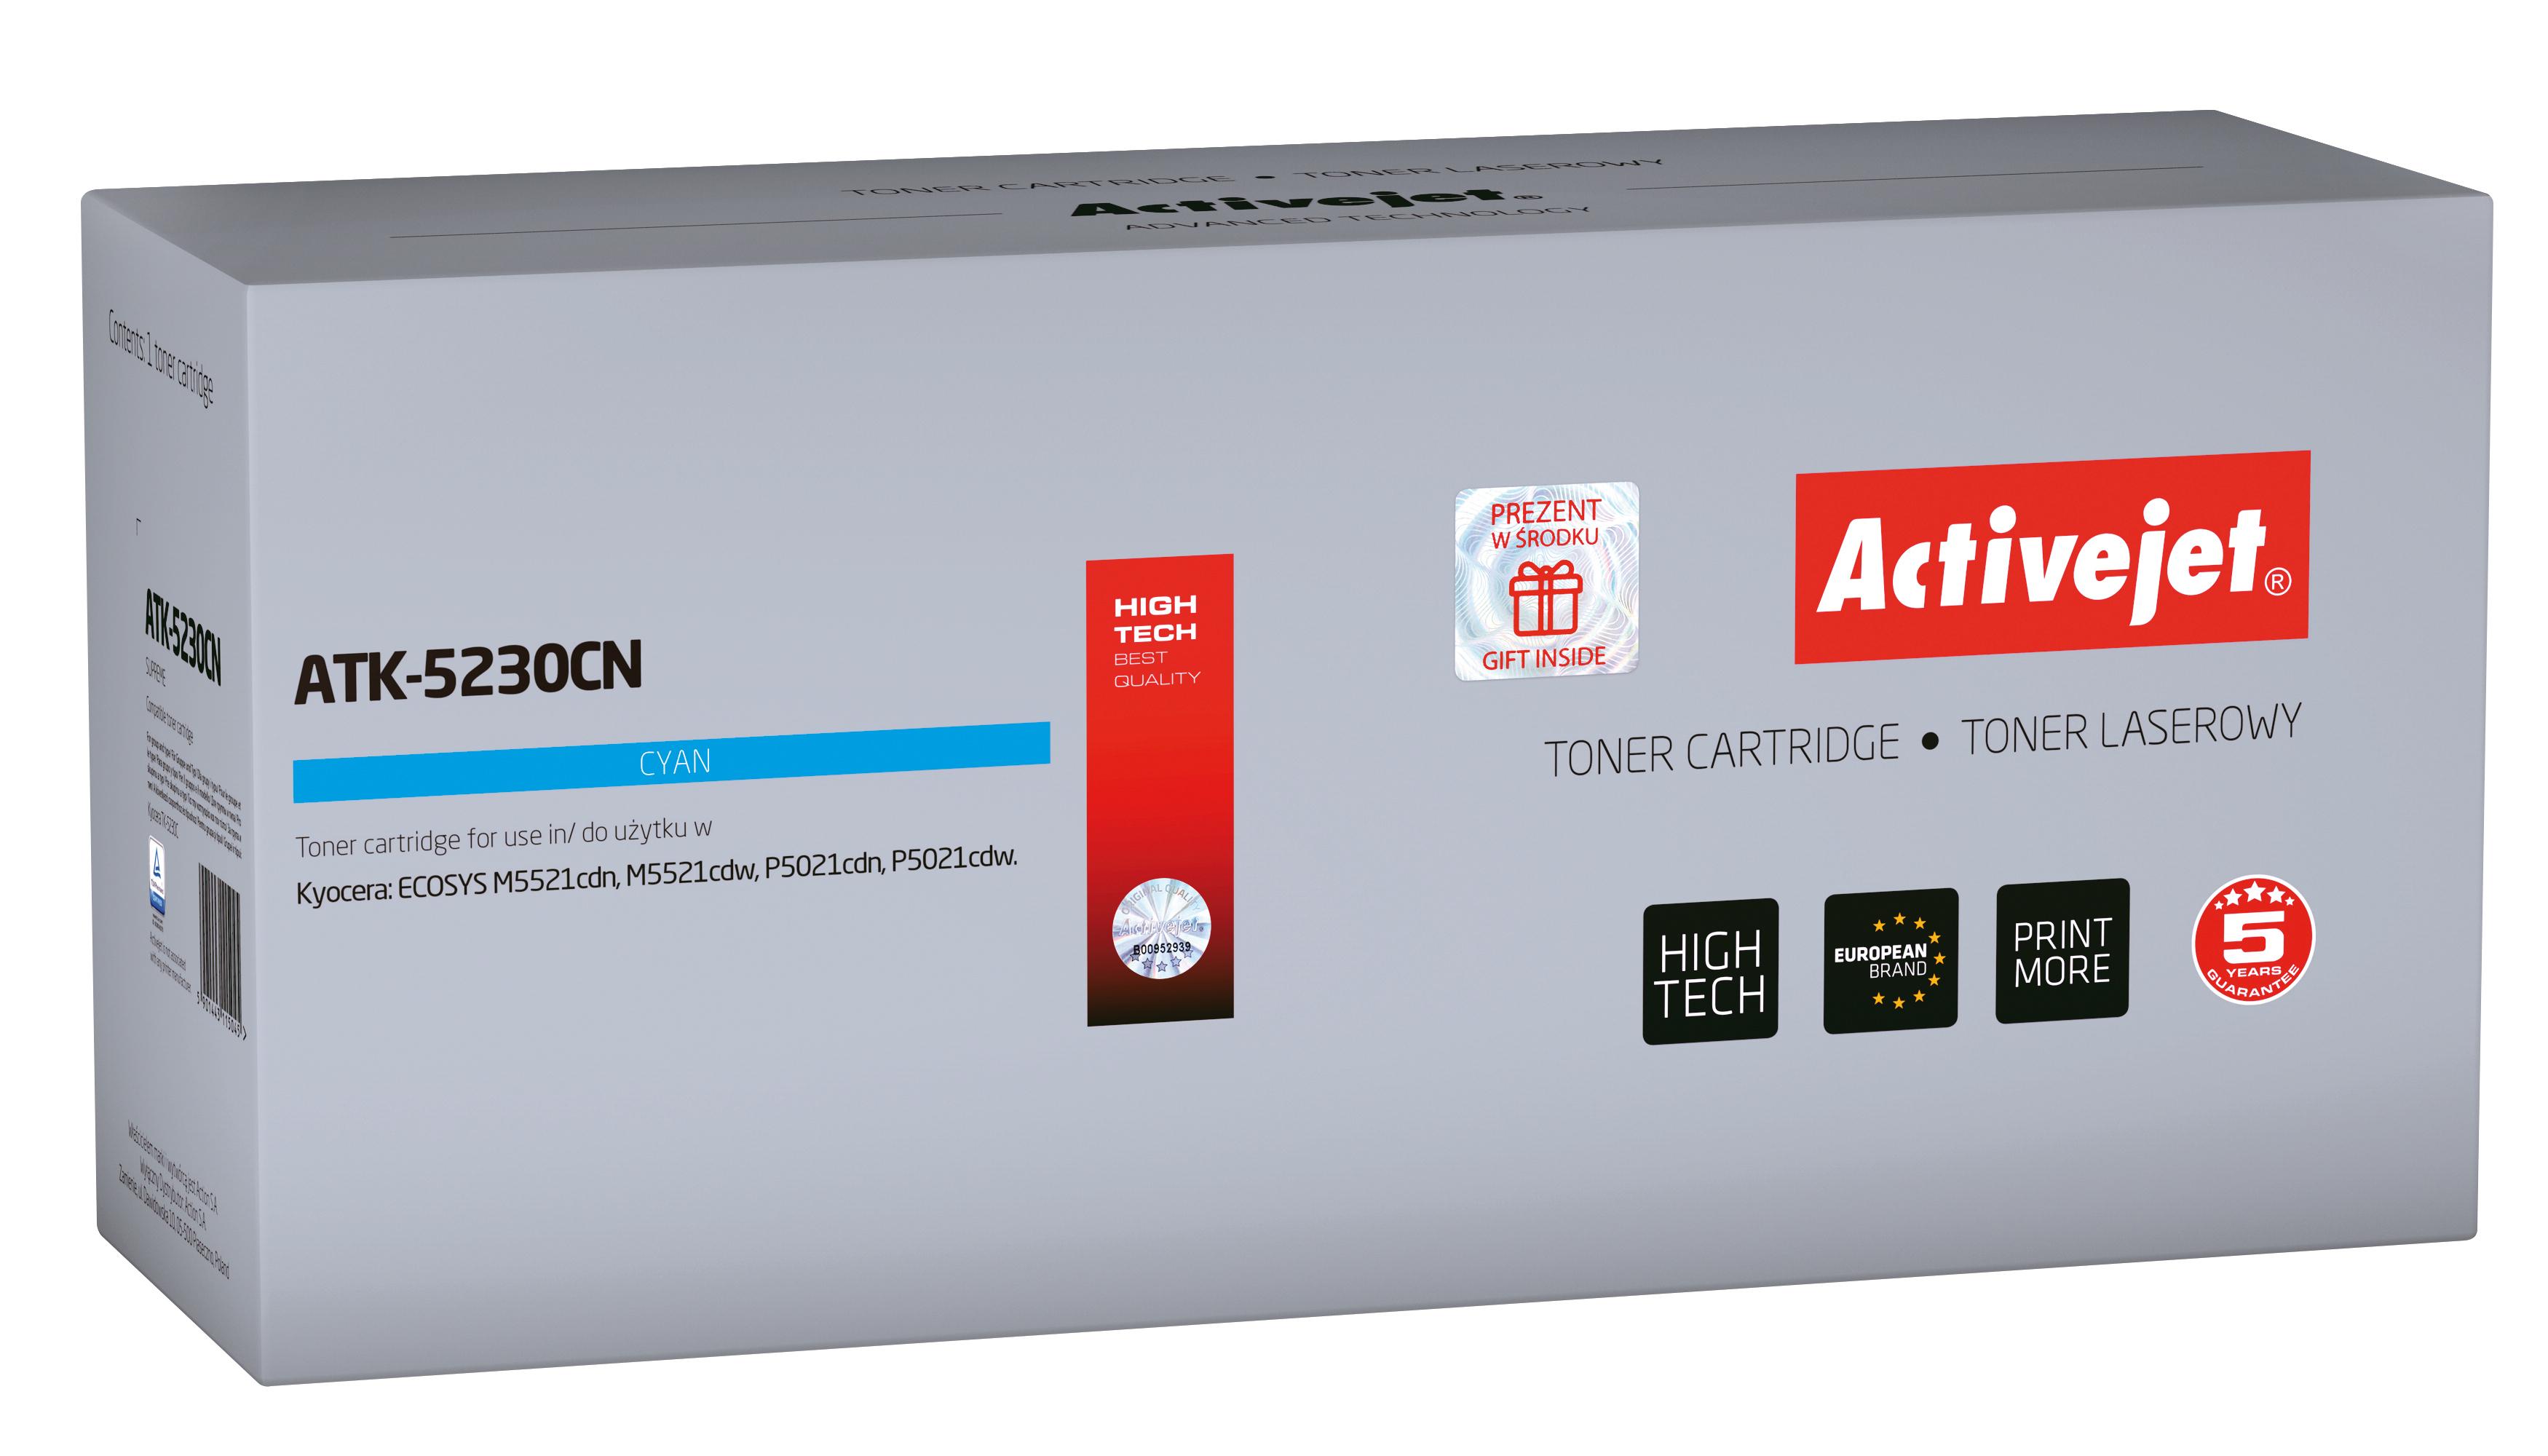 Toner Activejet  ATK-5230CN do drukarki Kyocera, Zamiennik Kyocera TK-5230C; Supreme; 2200 stron; Błękitny.